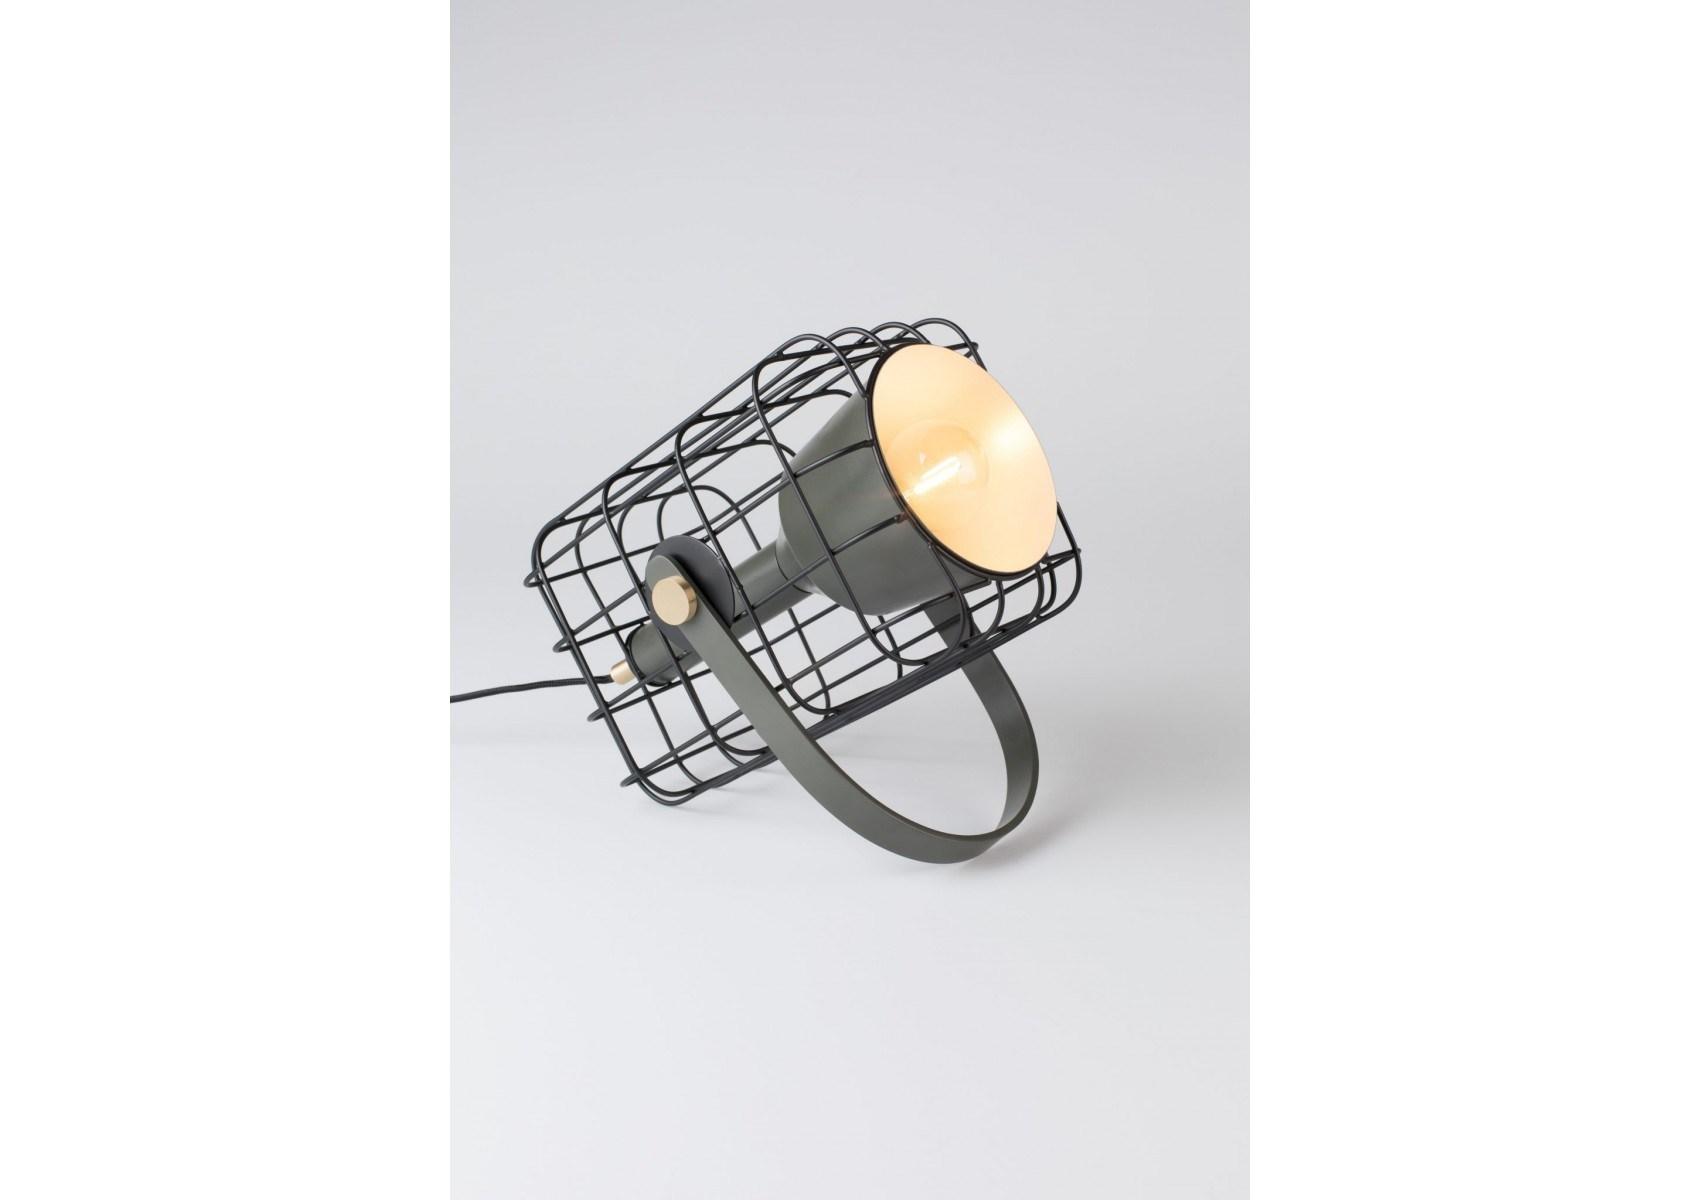 lampe poser industriel en m tal cage boite a design. Black Bedroom Furniture Sets. Home Design Ideas